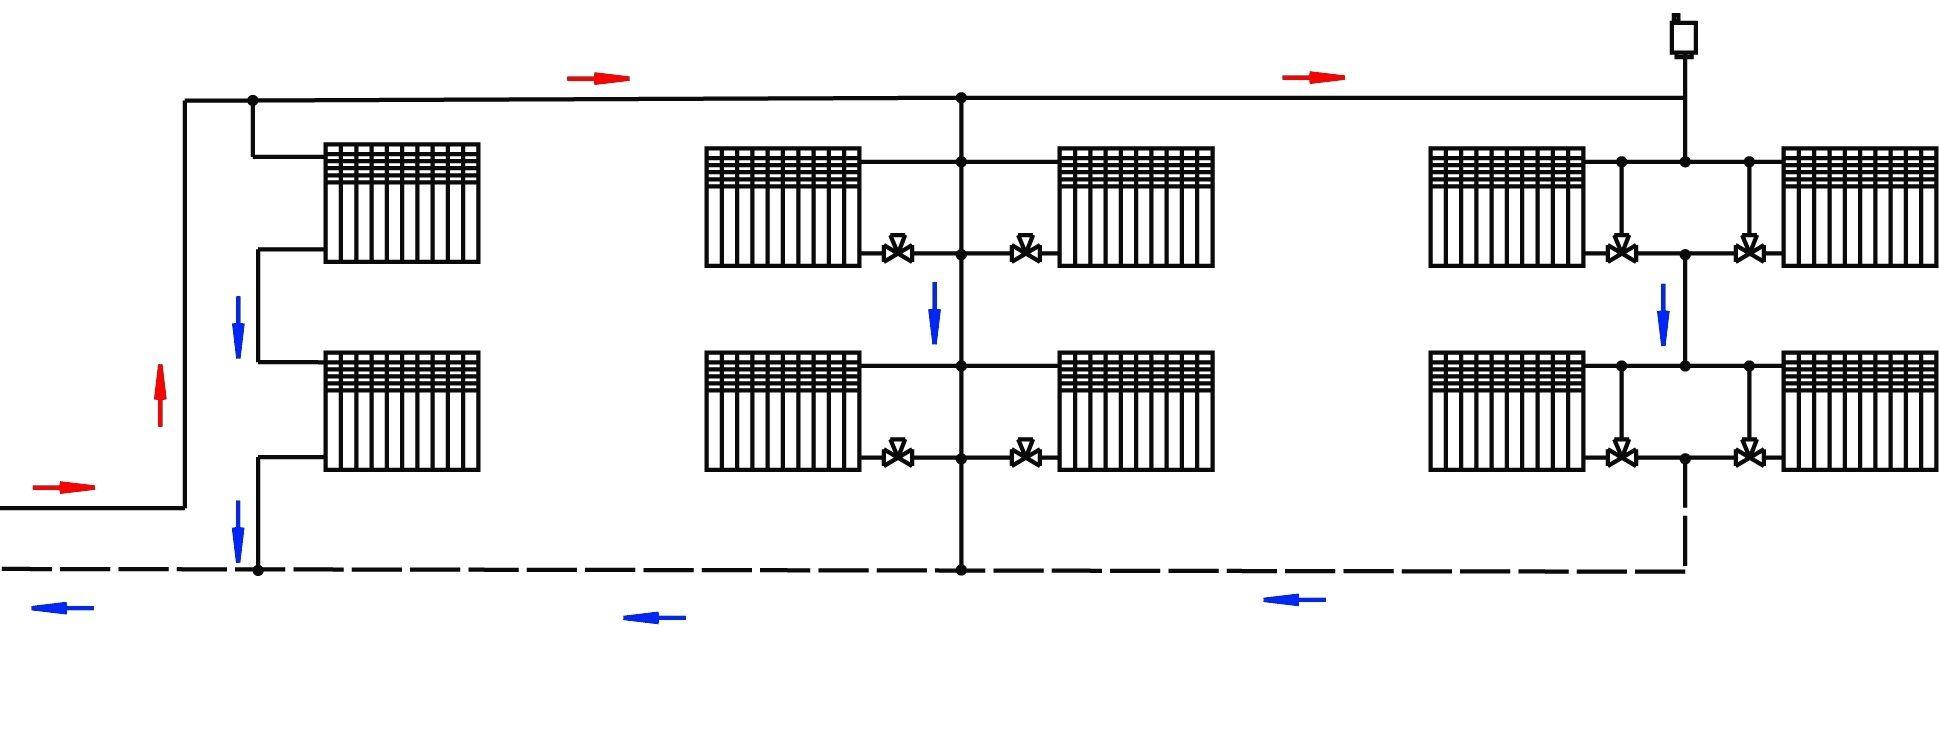 Схема подключения батарей отопления в квартире на первом этаже